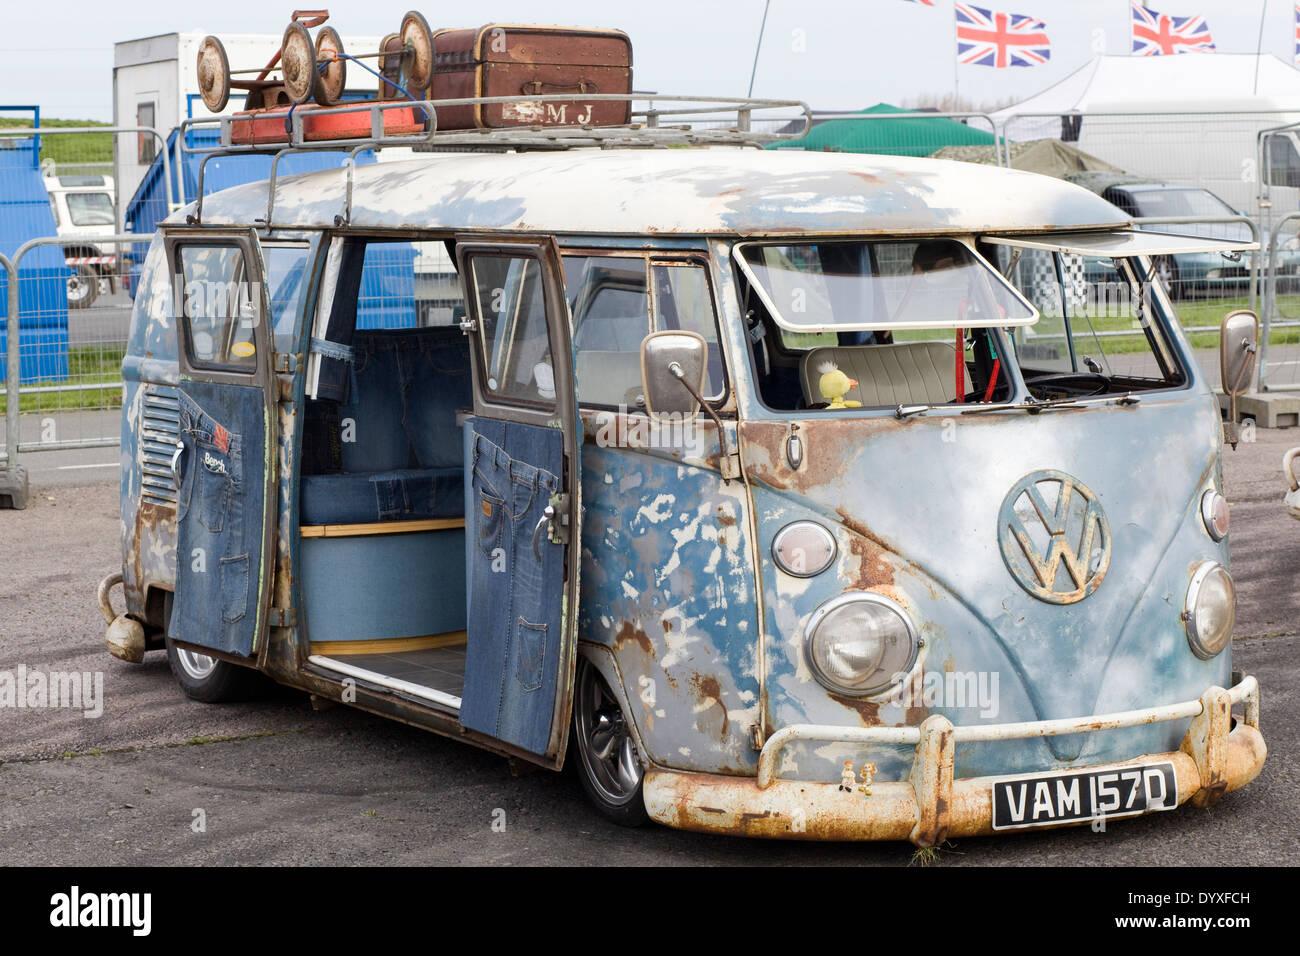 Camper Van Buy >> Rat style VW Volkswagen camper van Stock Photo: 68809681 - Alamy